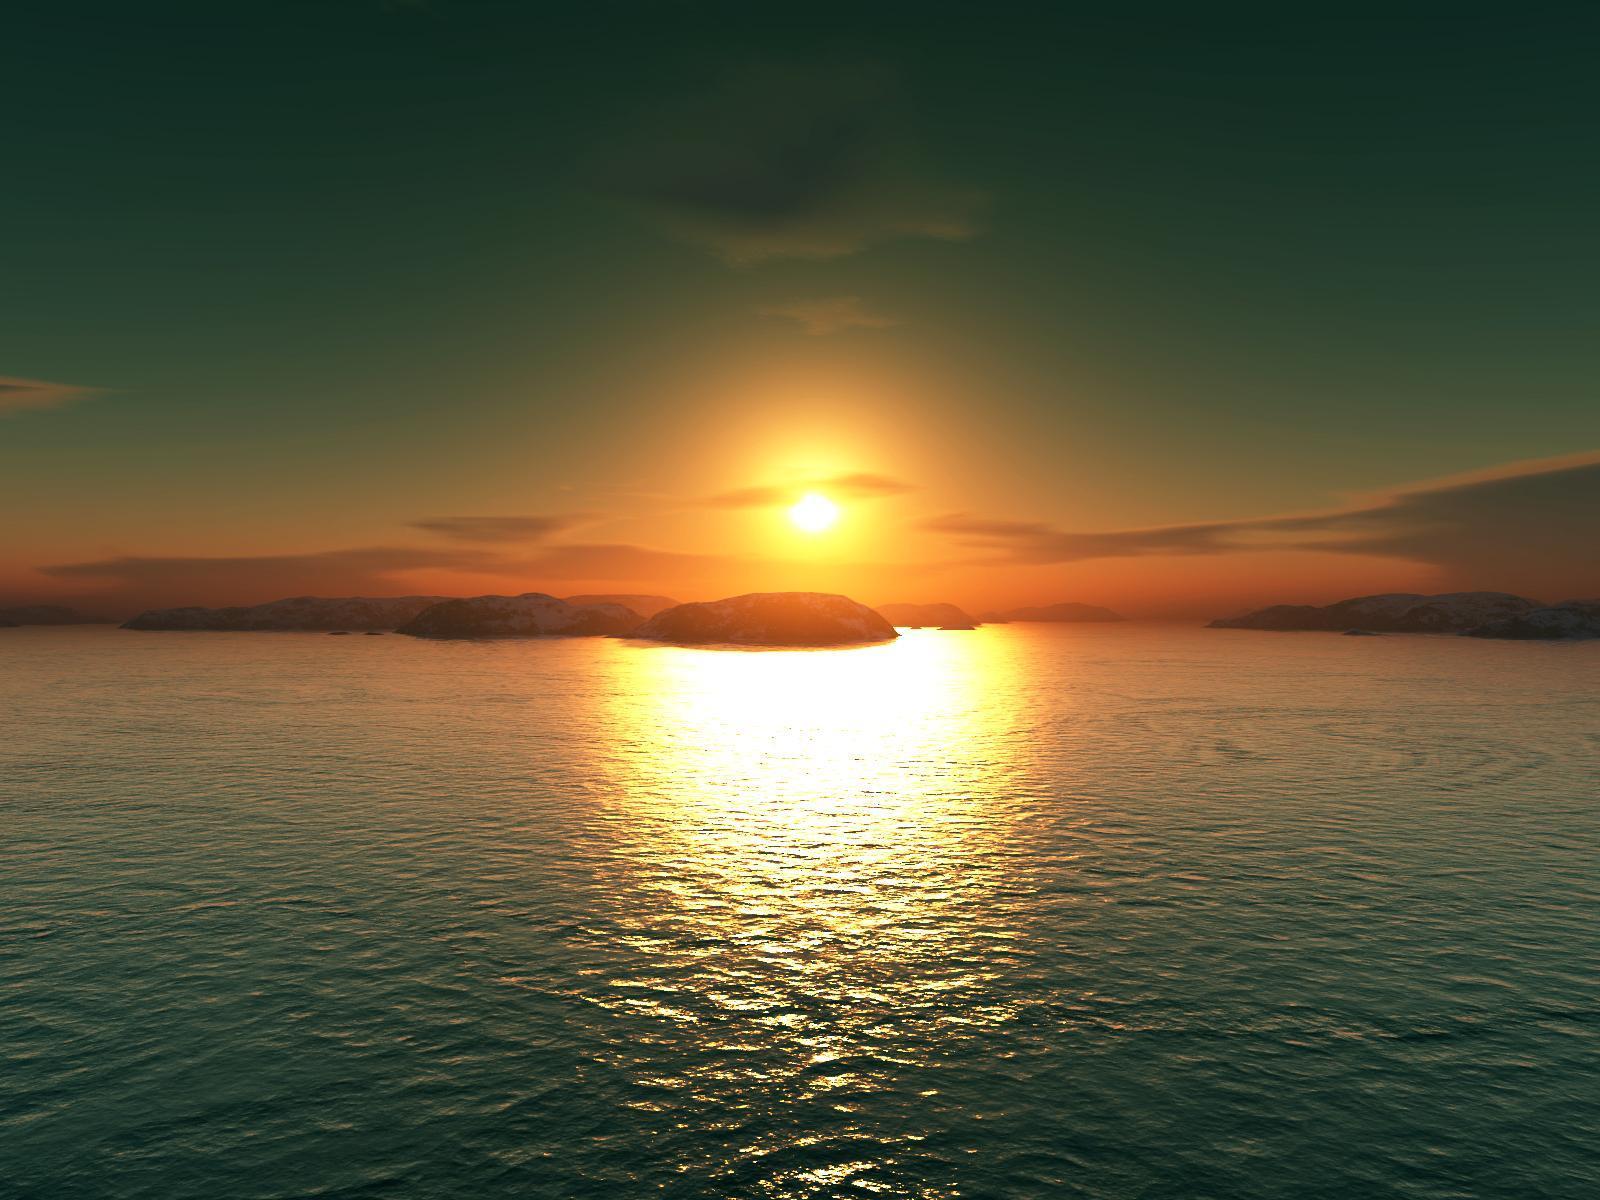 13016 скачать обои Пейзаж, Вода, Закат, Море, Солнце - заставки и картинки бесплатно